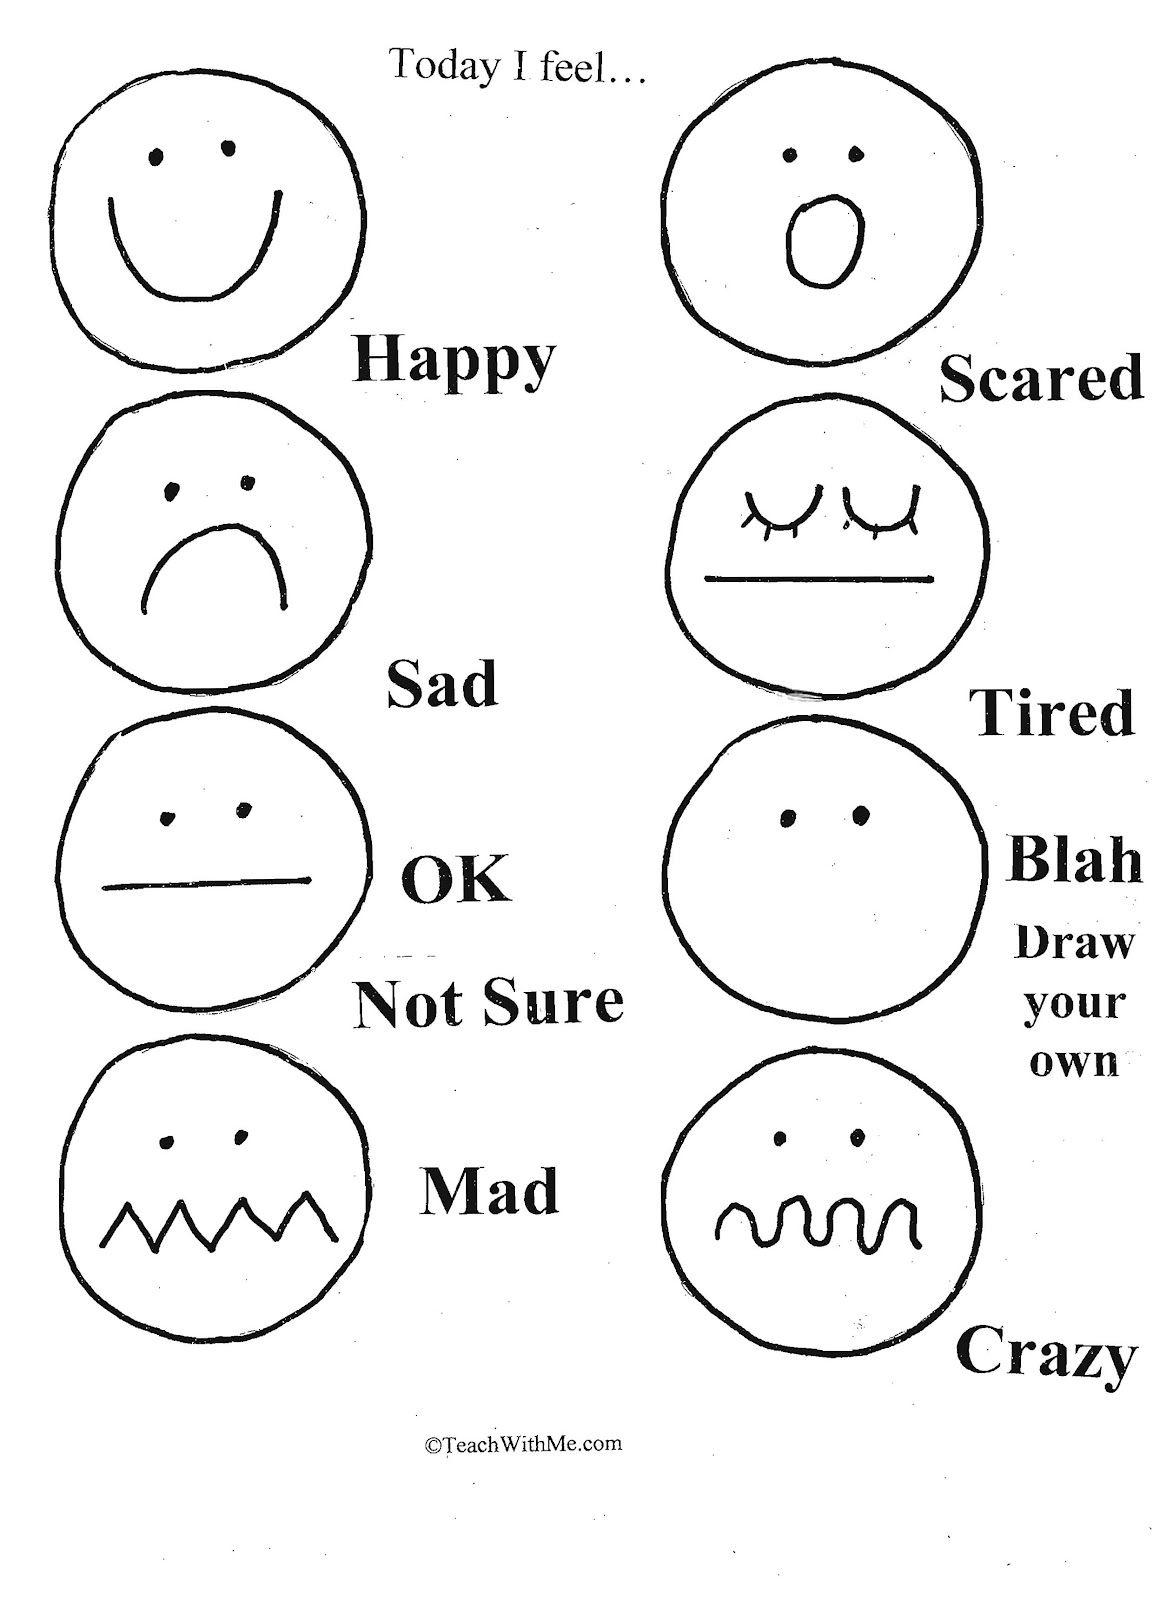 Worksheets Emotions Worksheets For Preschoolers feelings emotions worksheets journal topicscreative writing worksheets